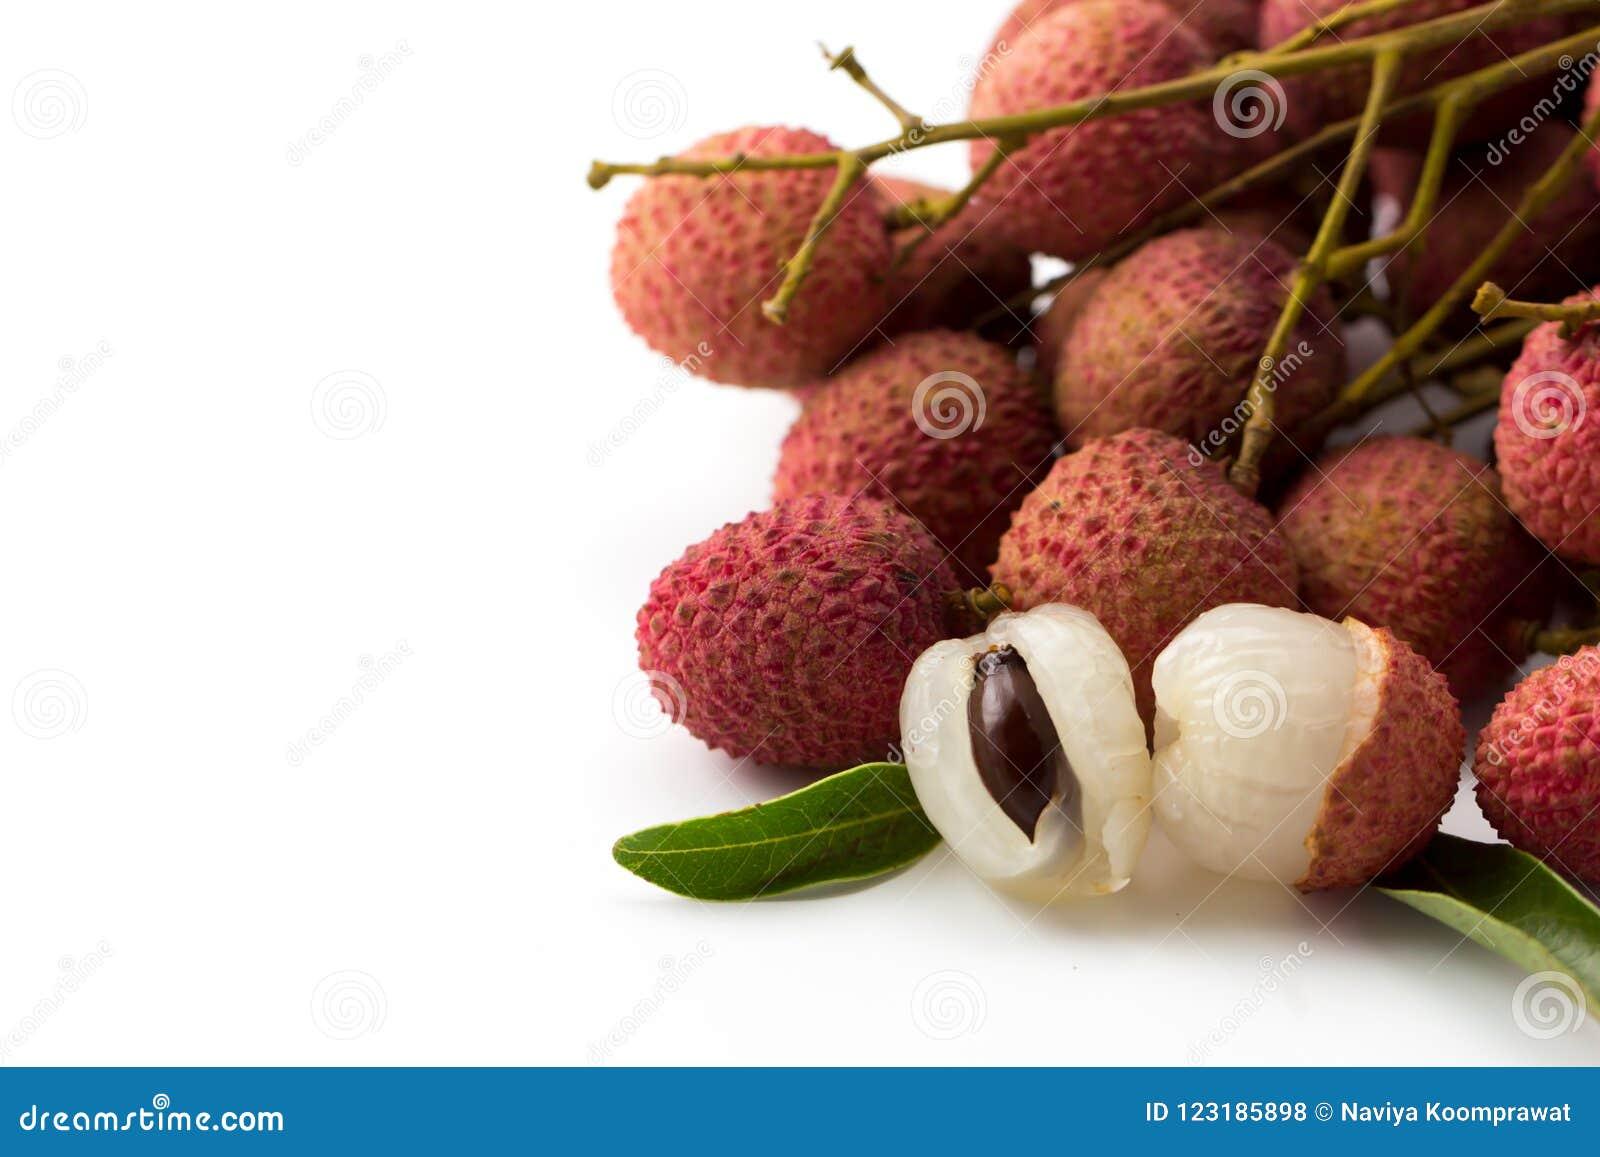 Unpeel Lychee dojrzałe owoc na białym tle